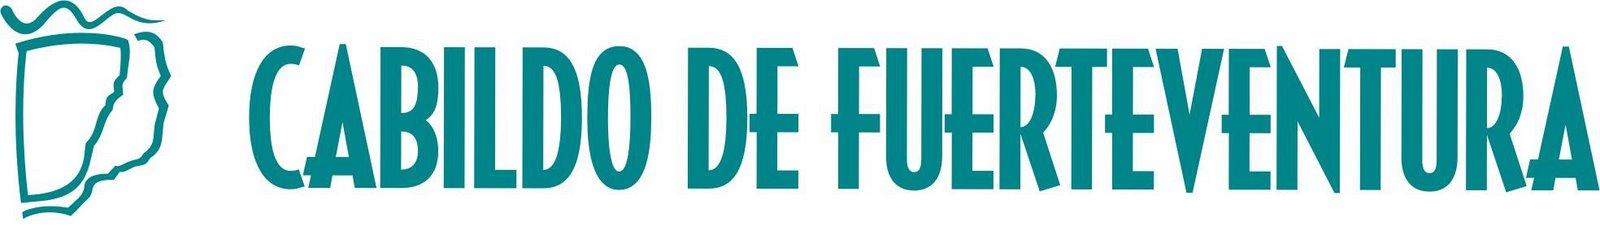 Noticias de Fuerteventura